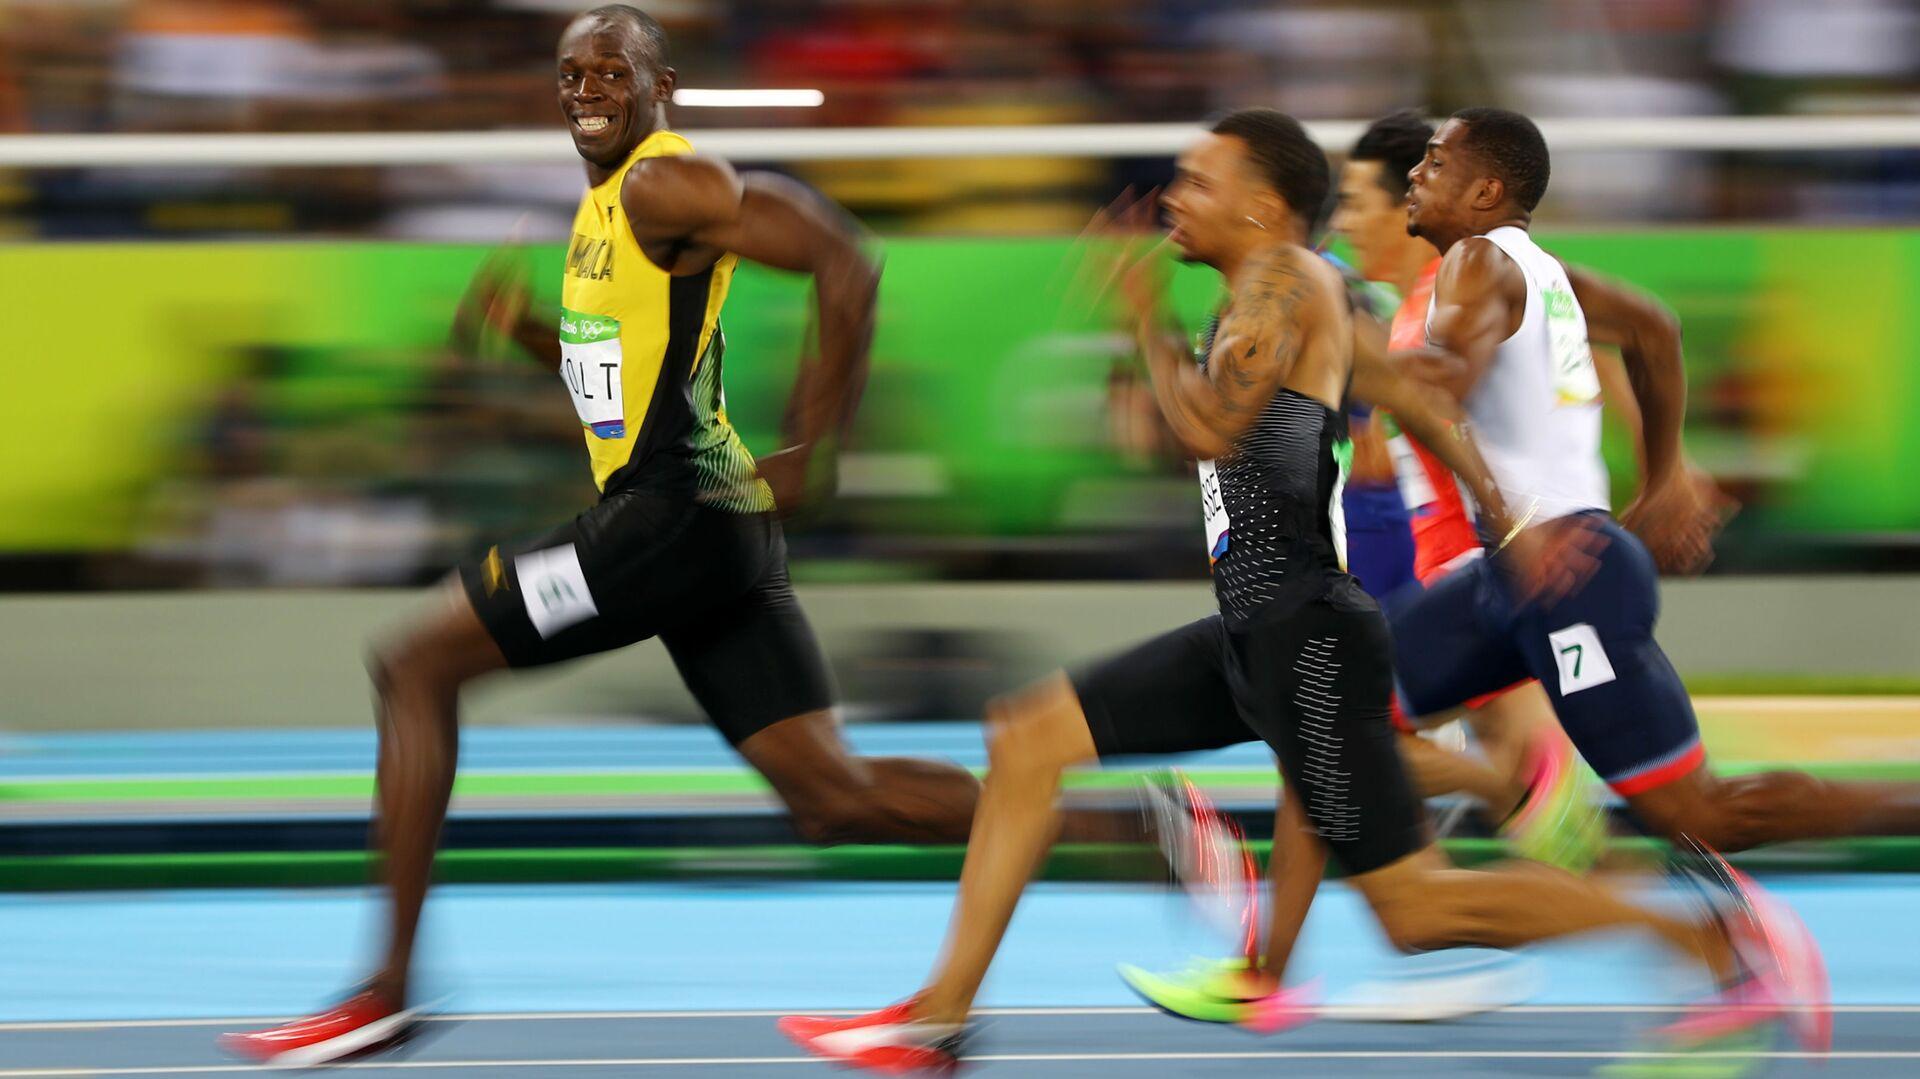 Ямайский бегун Усейн Болт улыбается в камеру во время стометровки на XXXI летних Олимпийских играх - Sputnik Italia, 1920, 08.08.2021